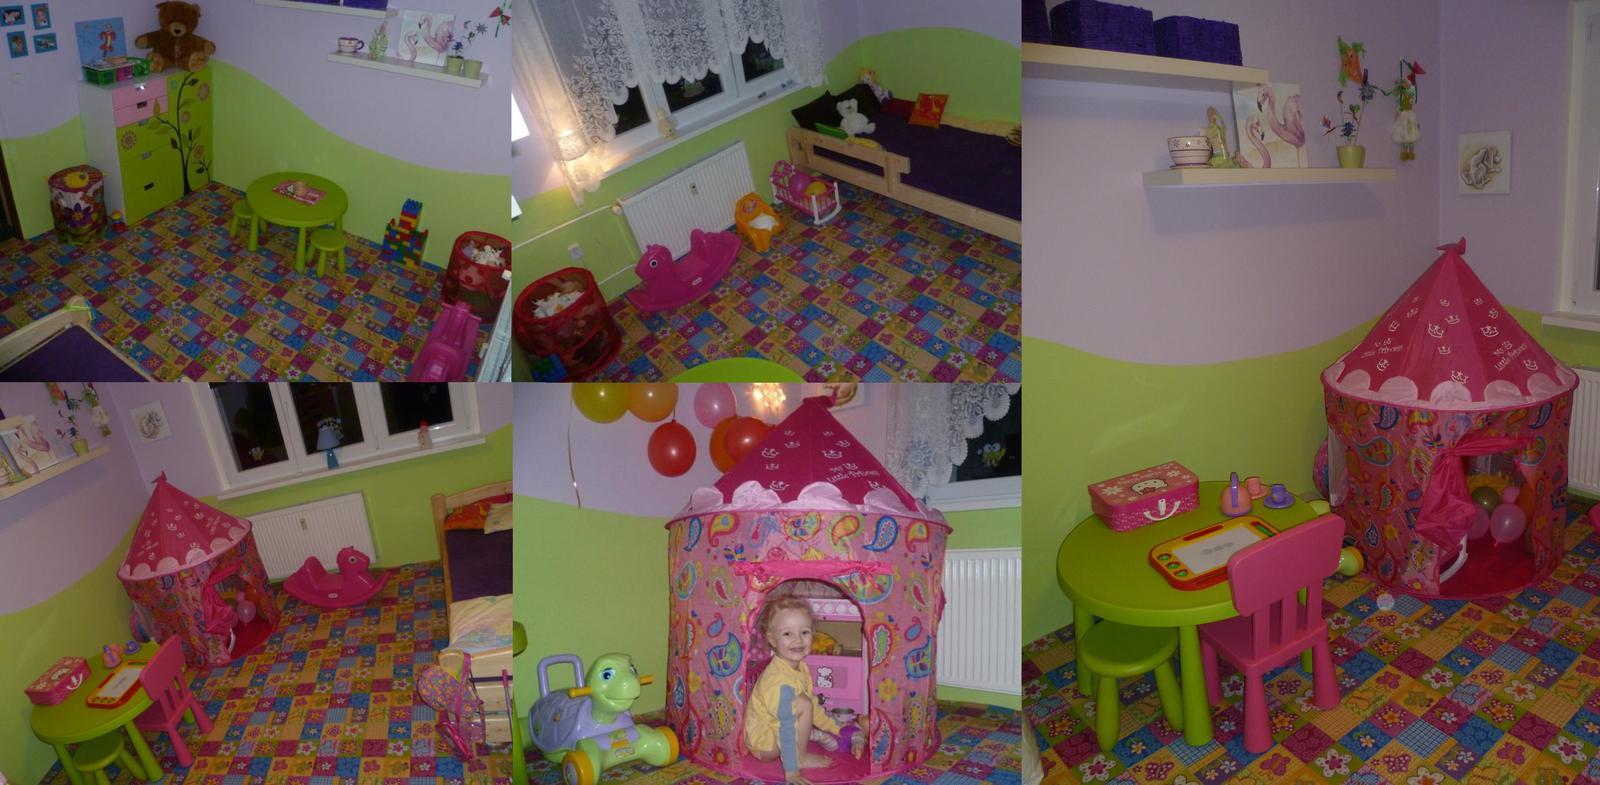 Dětský pokojík pro naší Karolínku :o) - Památka na Karolínčin pokojíček Za dva roky bude nová výzva, Karolínka má brášku a malý pokojík se vymění za velký pokoj a už nebude jen holčičí  :-)  :-)